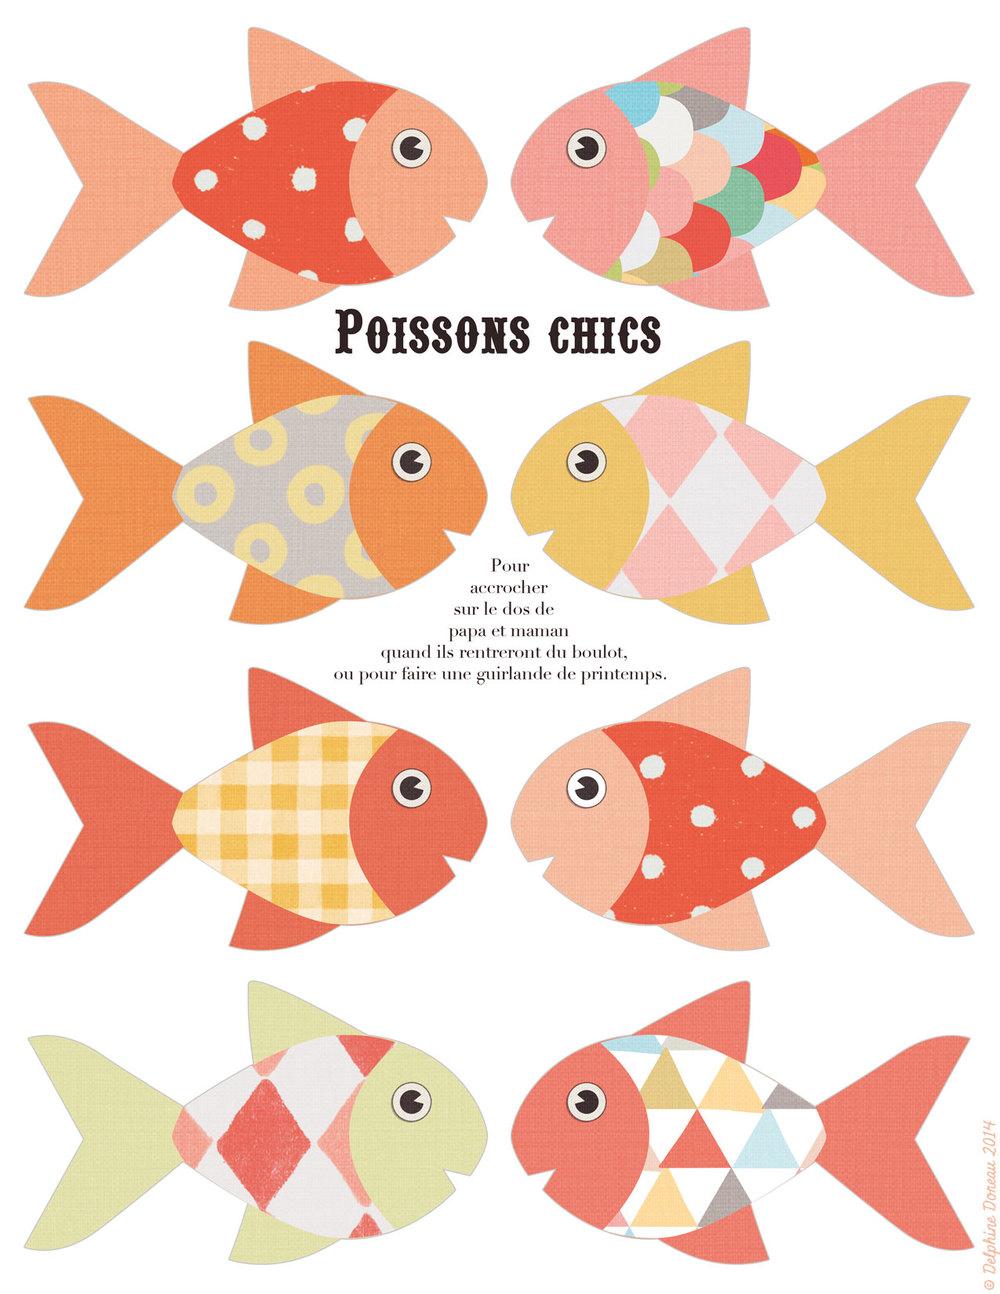 poissons014.jpg